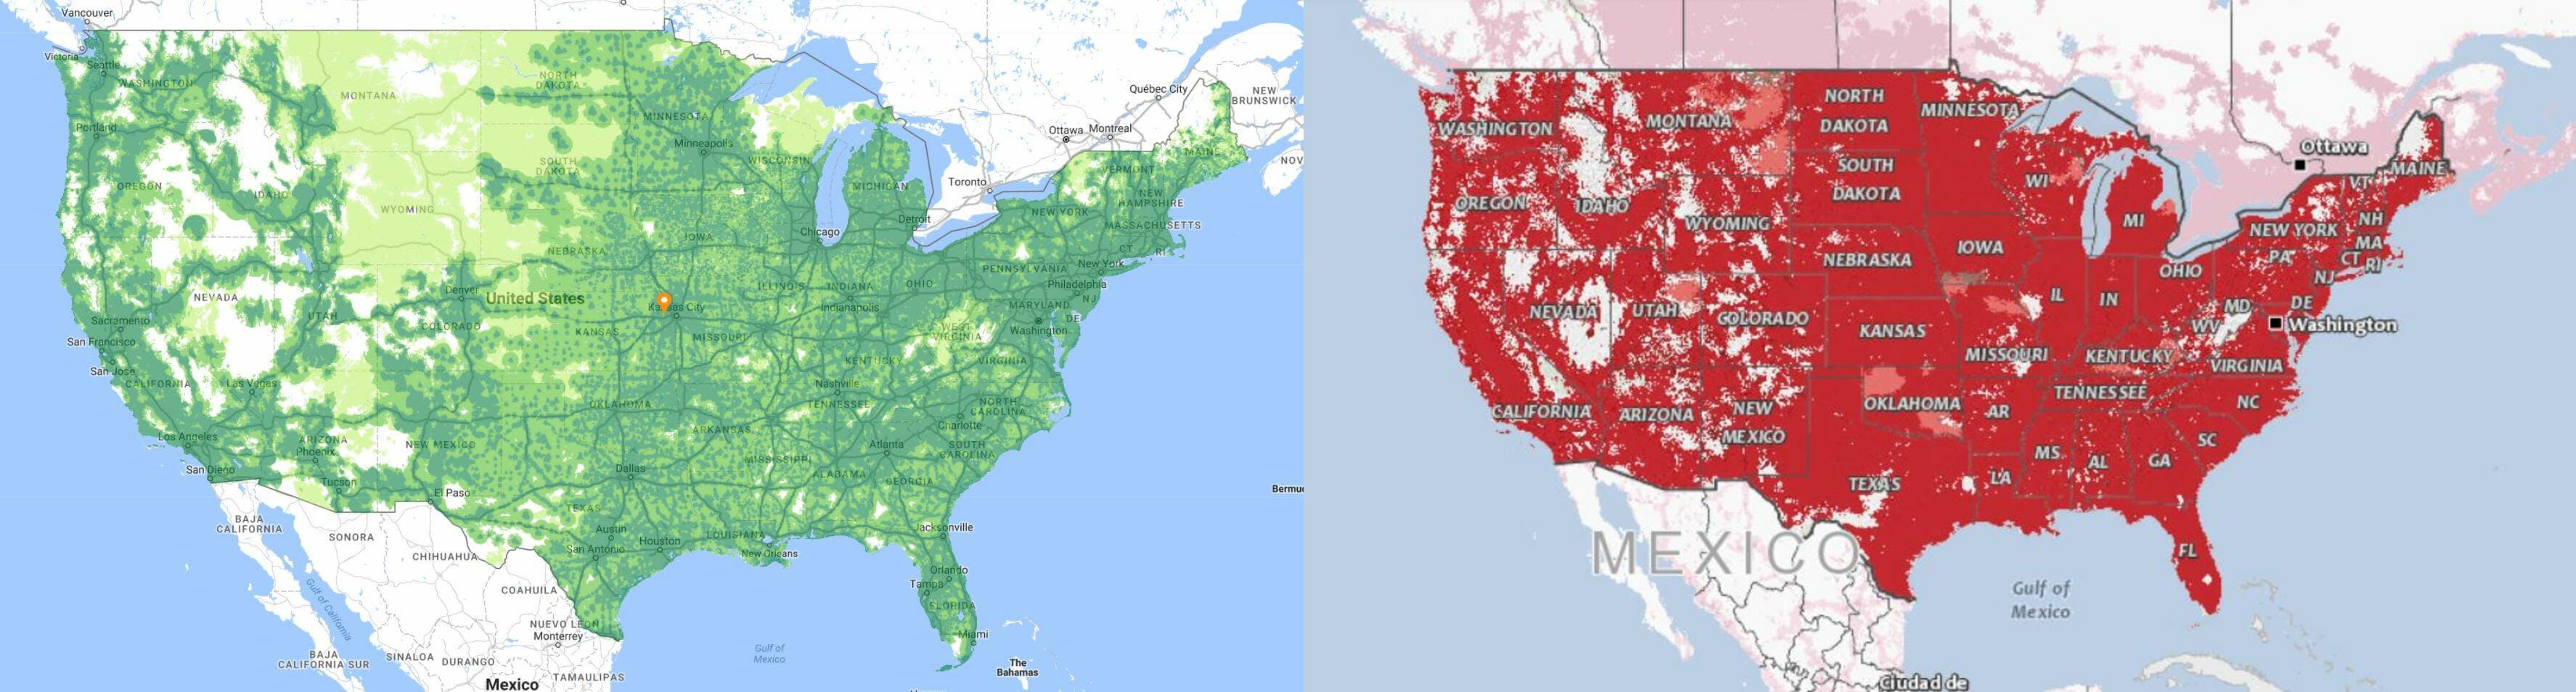 google project fi coverage vs verizon wireless